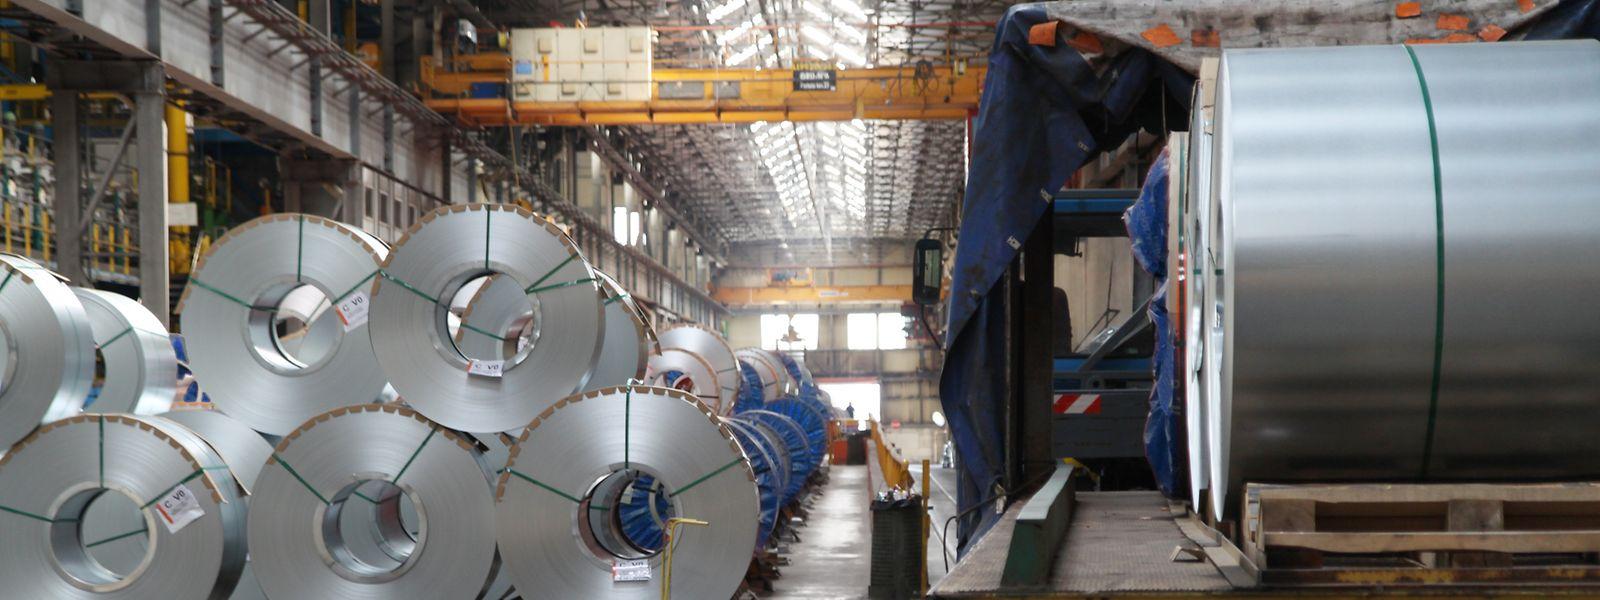 In Düdelingen stellt Liberty Steel Flachstahl her. Der Standort ist abhängig von Lieferungen aus dem Schwesterwerk im belgischen  Lüttich.